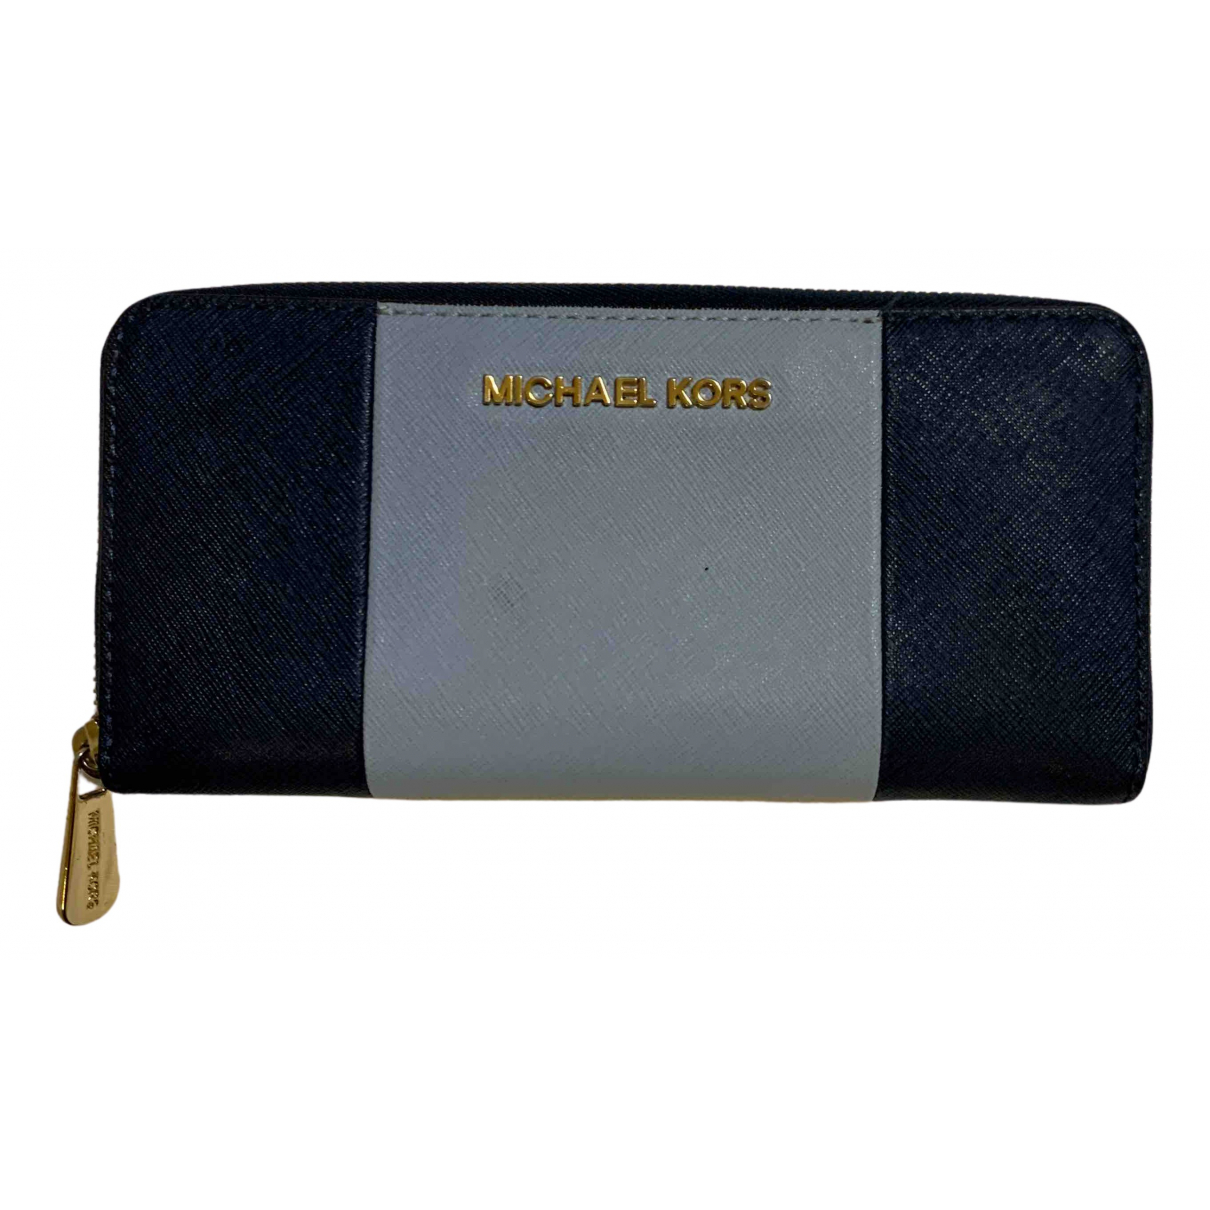 Michael Kors - Portefeuille   pour femme en autre - bleu